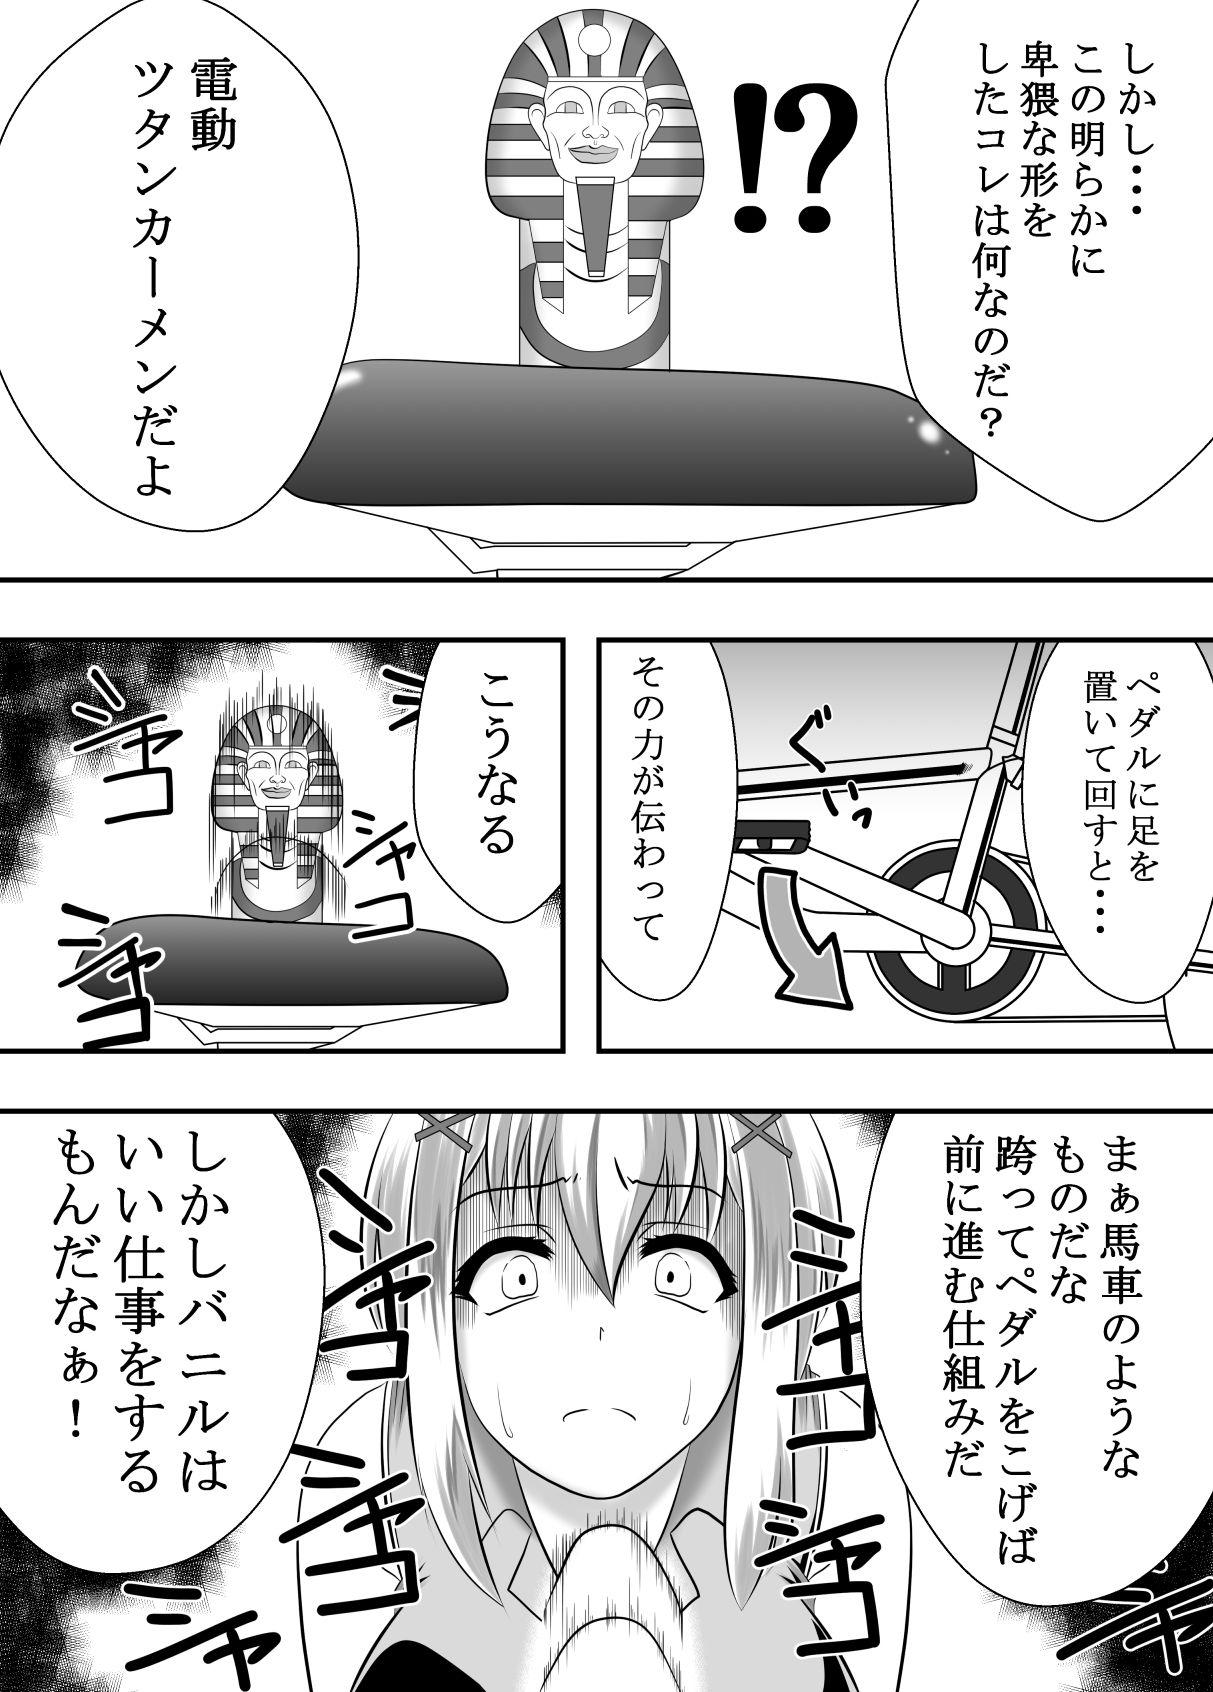 https://www.dmm.co.jp/dc/doujin/-/detail/=/cid=d_150953/